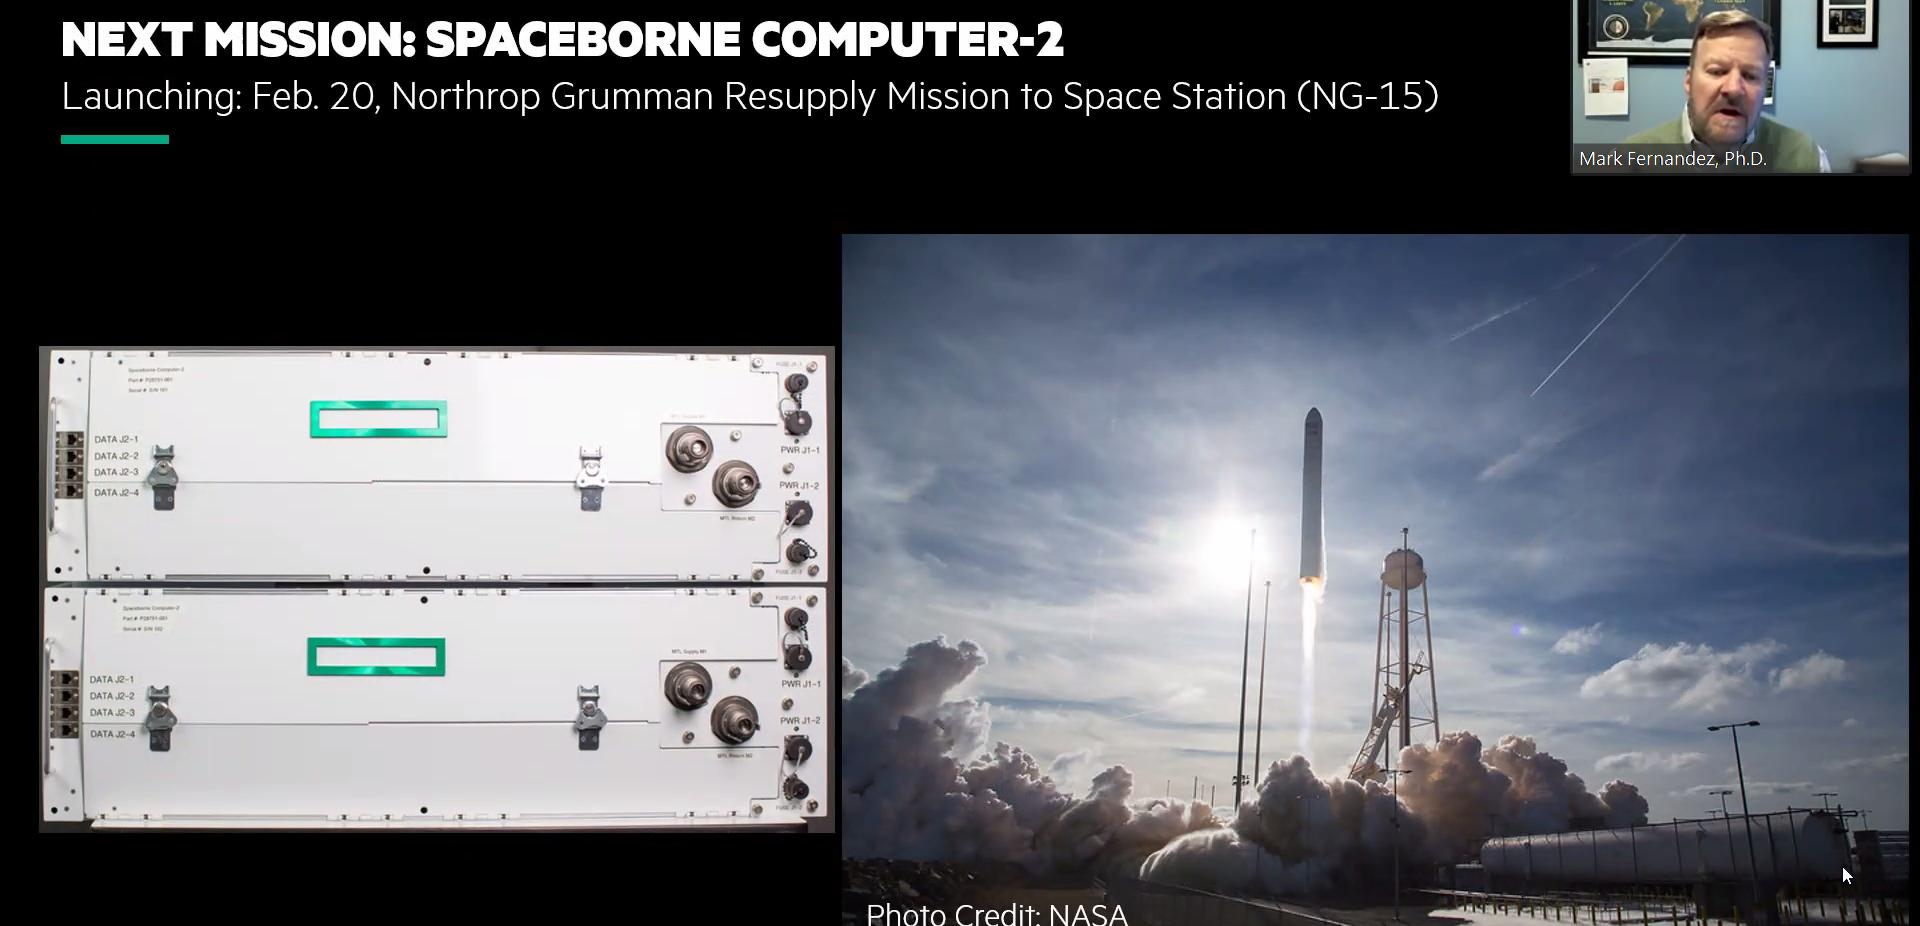 Prossima missione - Hpe Spaceborne Computer-2